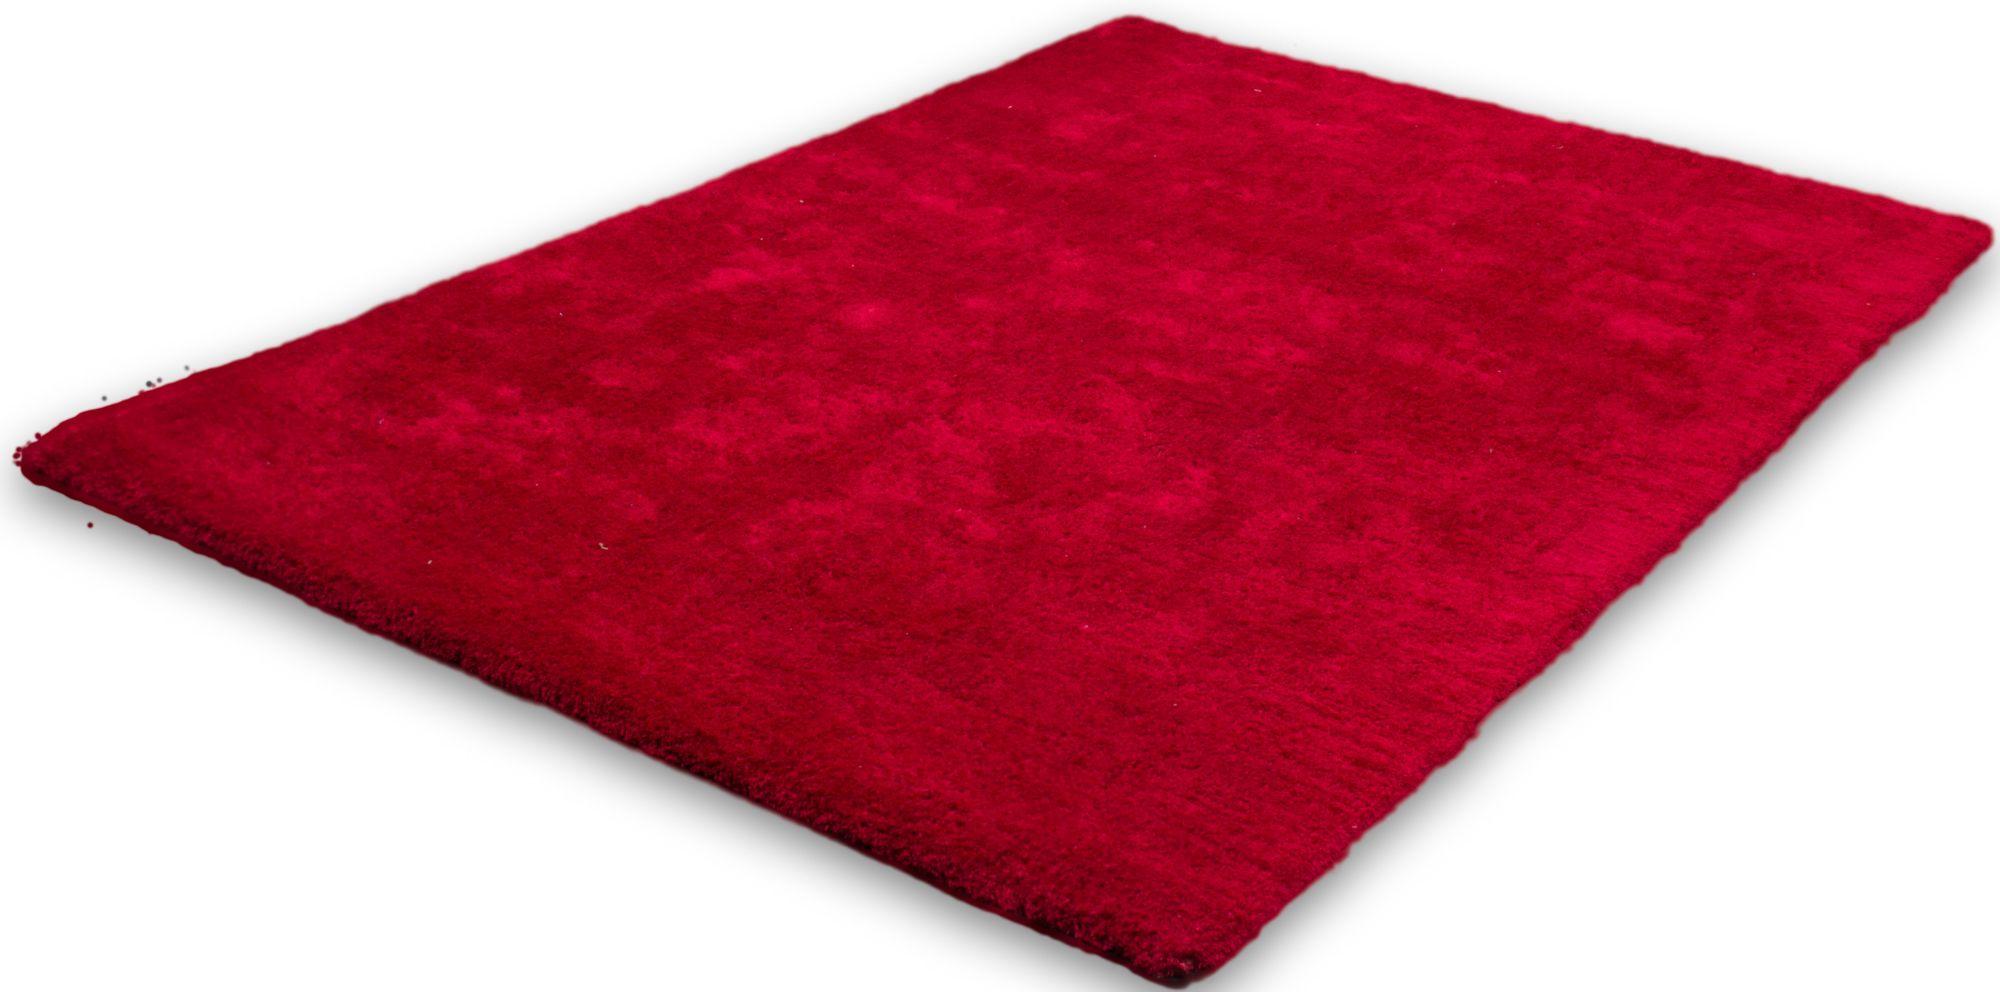 Hochflor-Teppich, Lalee, »Velvet«, Höhe ca. 25mm, hangearbeitet